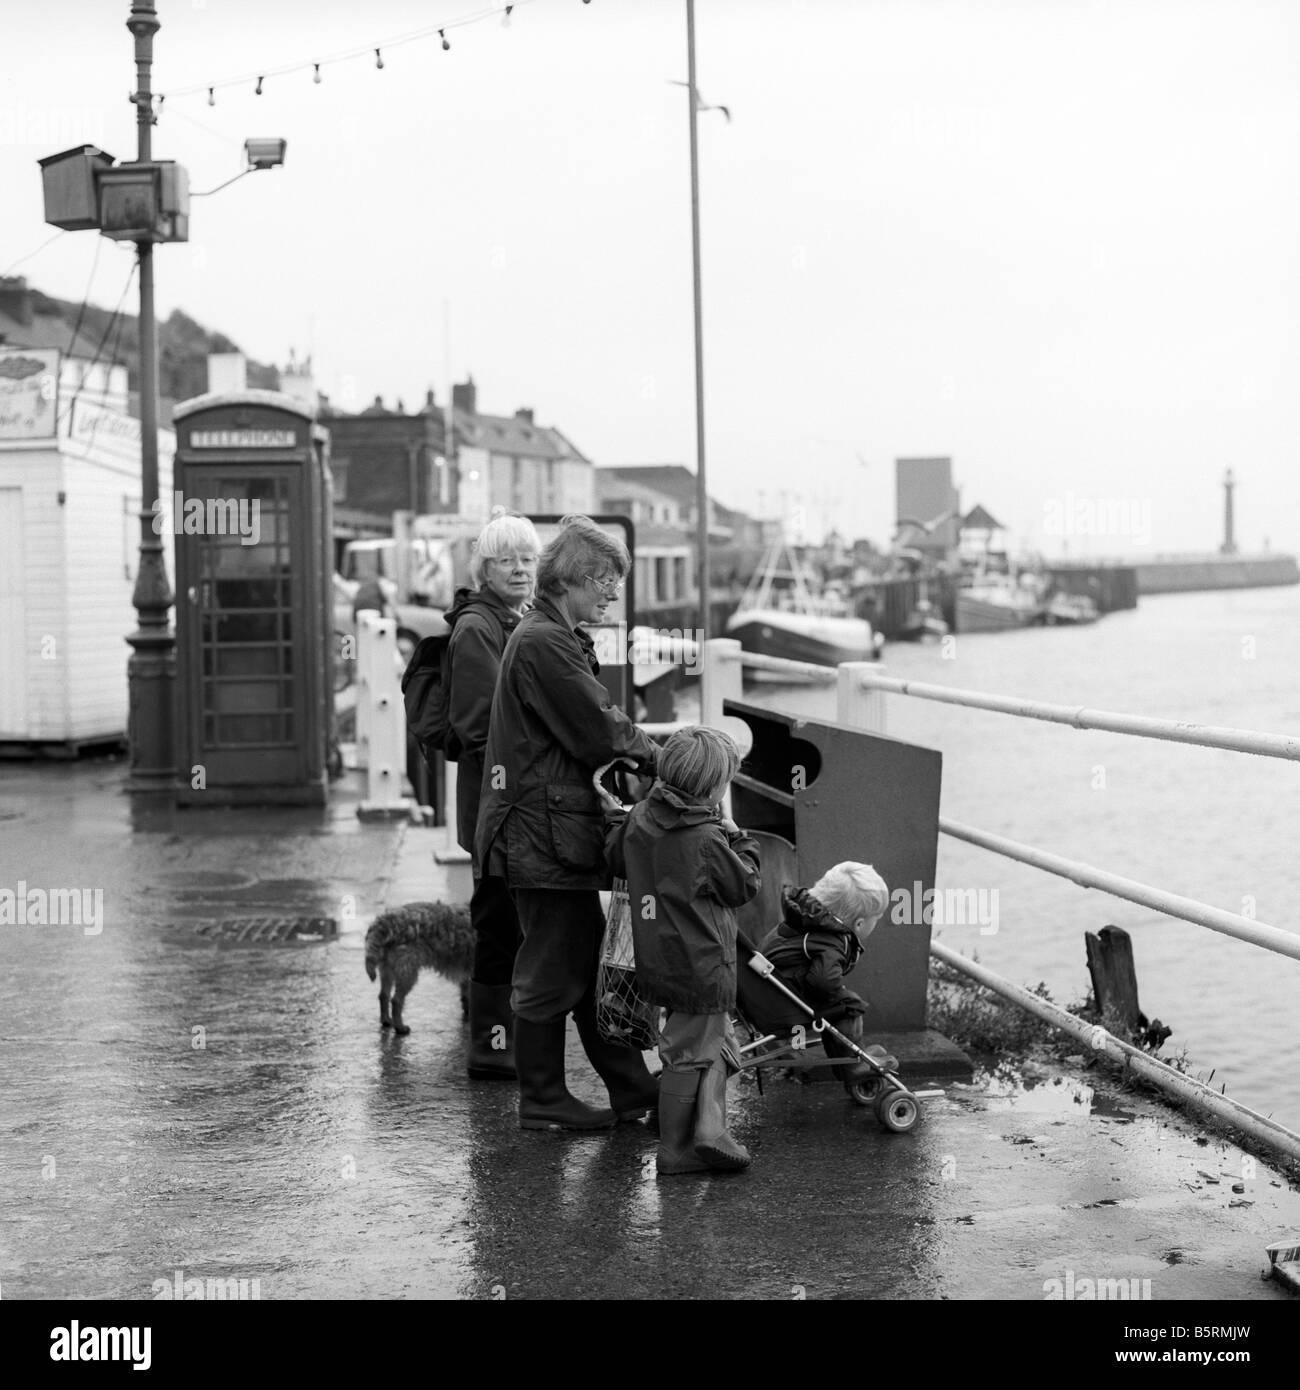 UK England Yorkshire Whitby quayside K6 phone boxes black and white - Stock Image